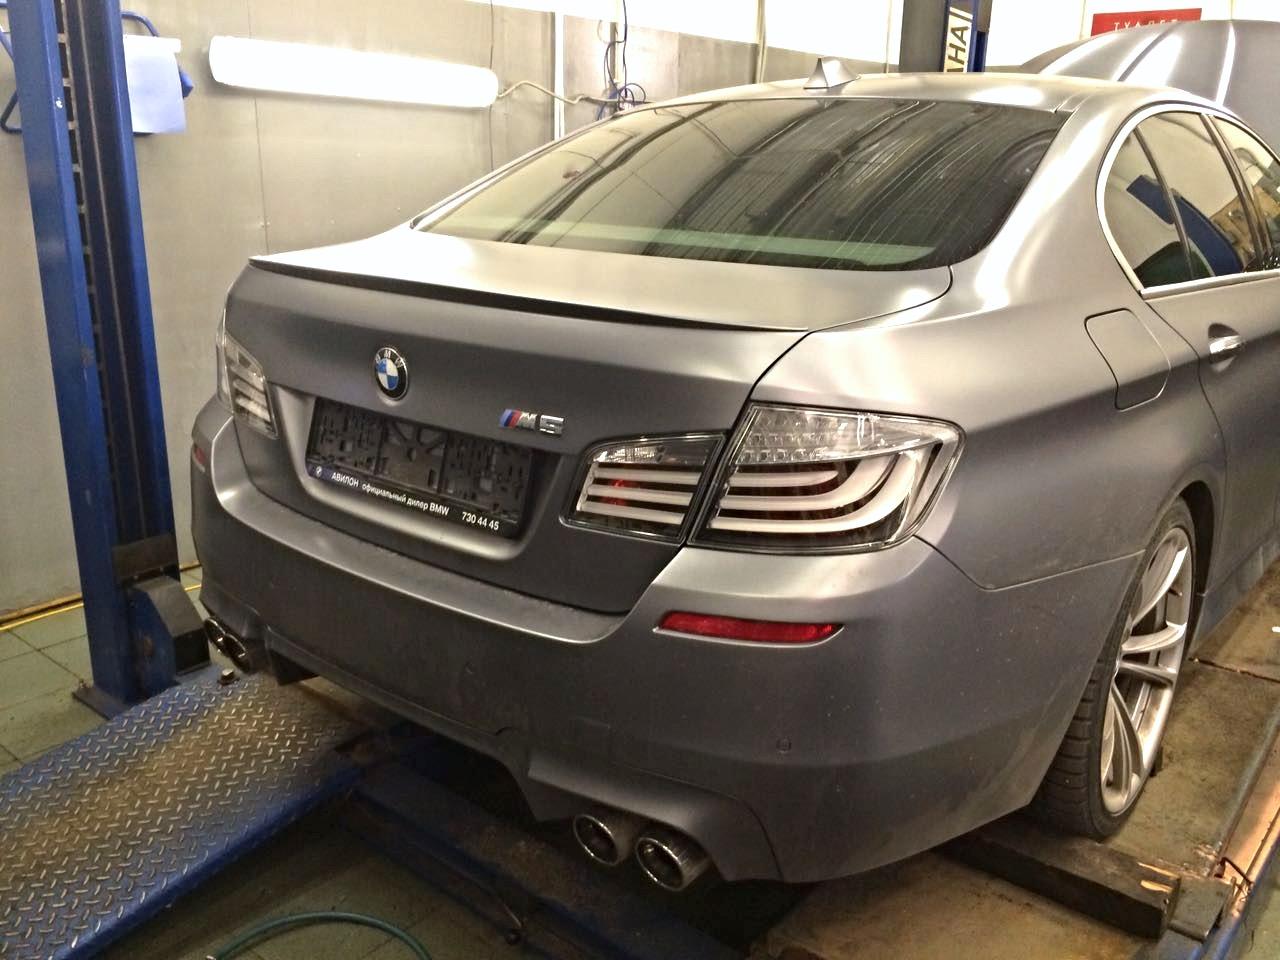 BMW M5 бесконтактное открывание багажника